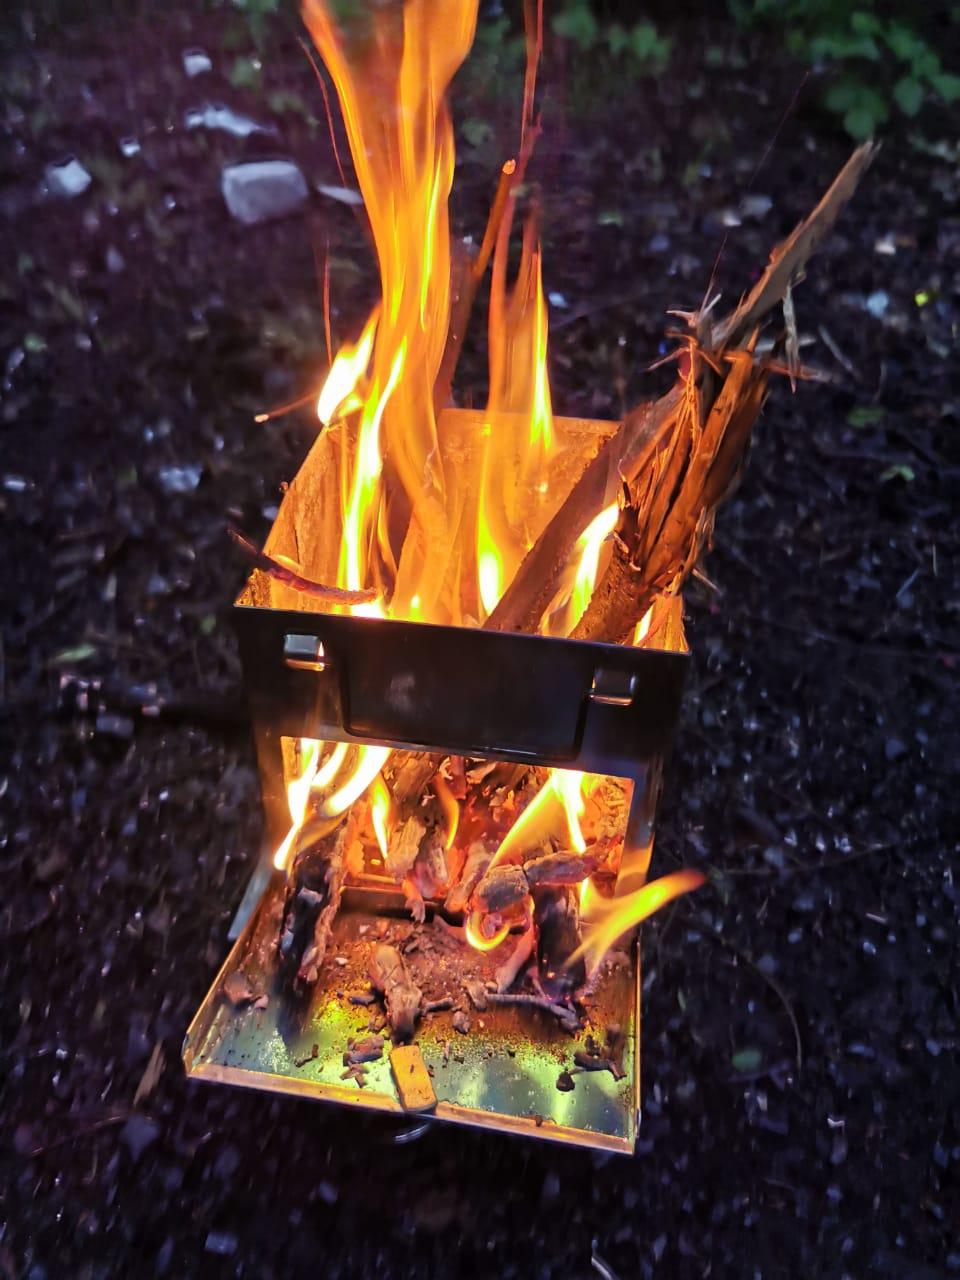 Складная мини-печь для барбекю из нержавеющей стали фото